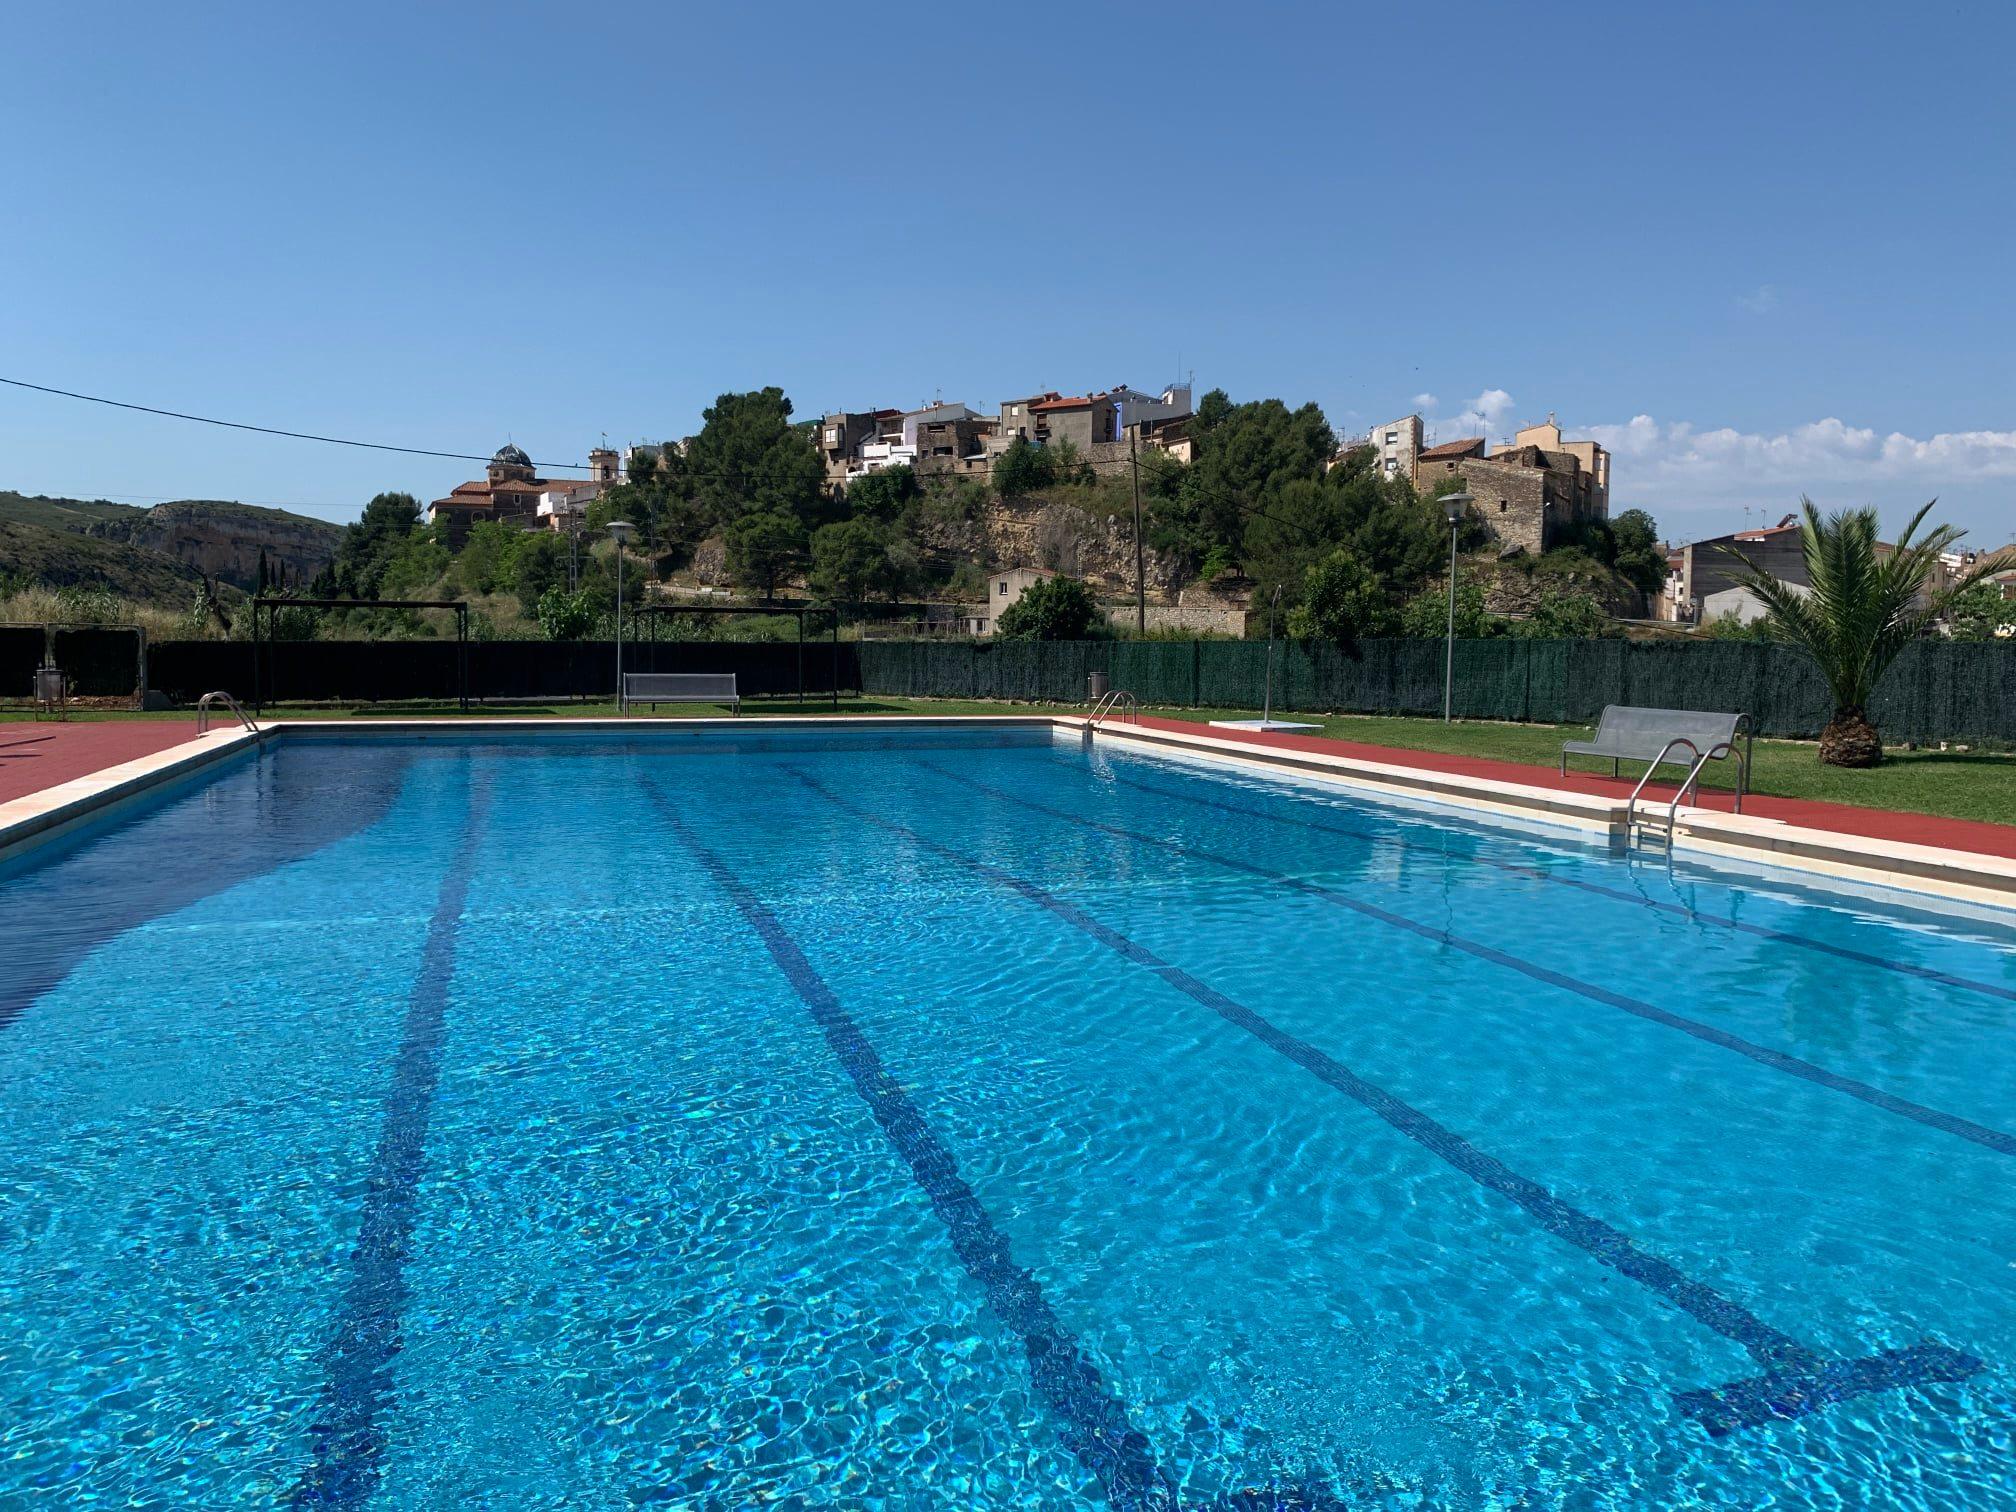 Les Coves augmenta l'ús de les instal·lacions de la piscina després de les millores incorporades